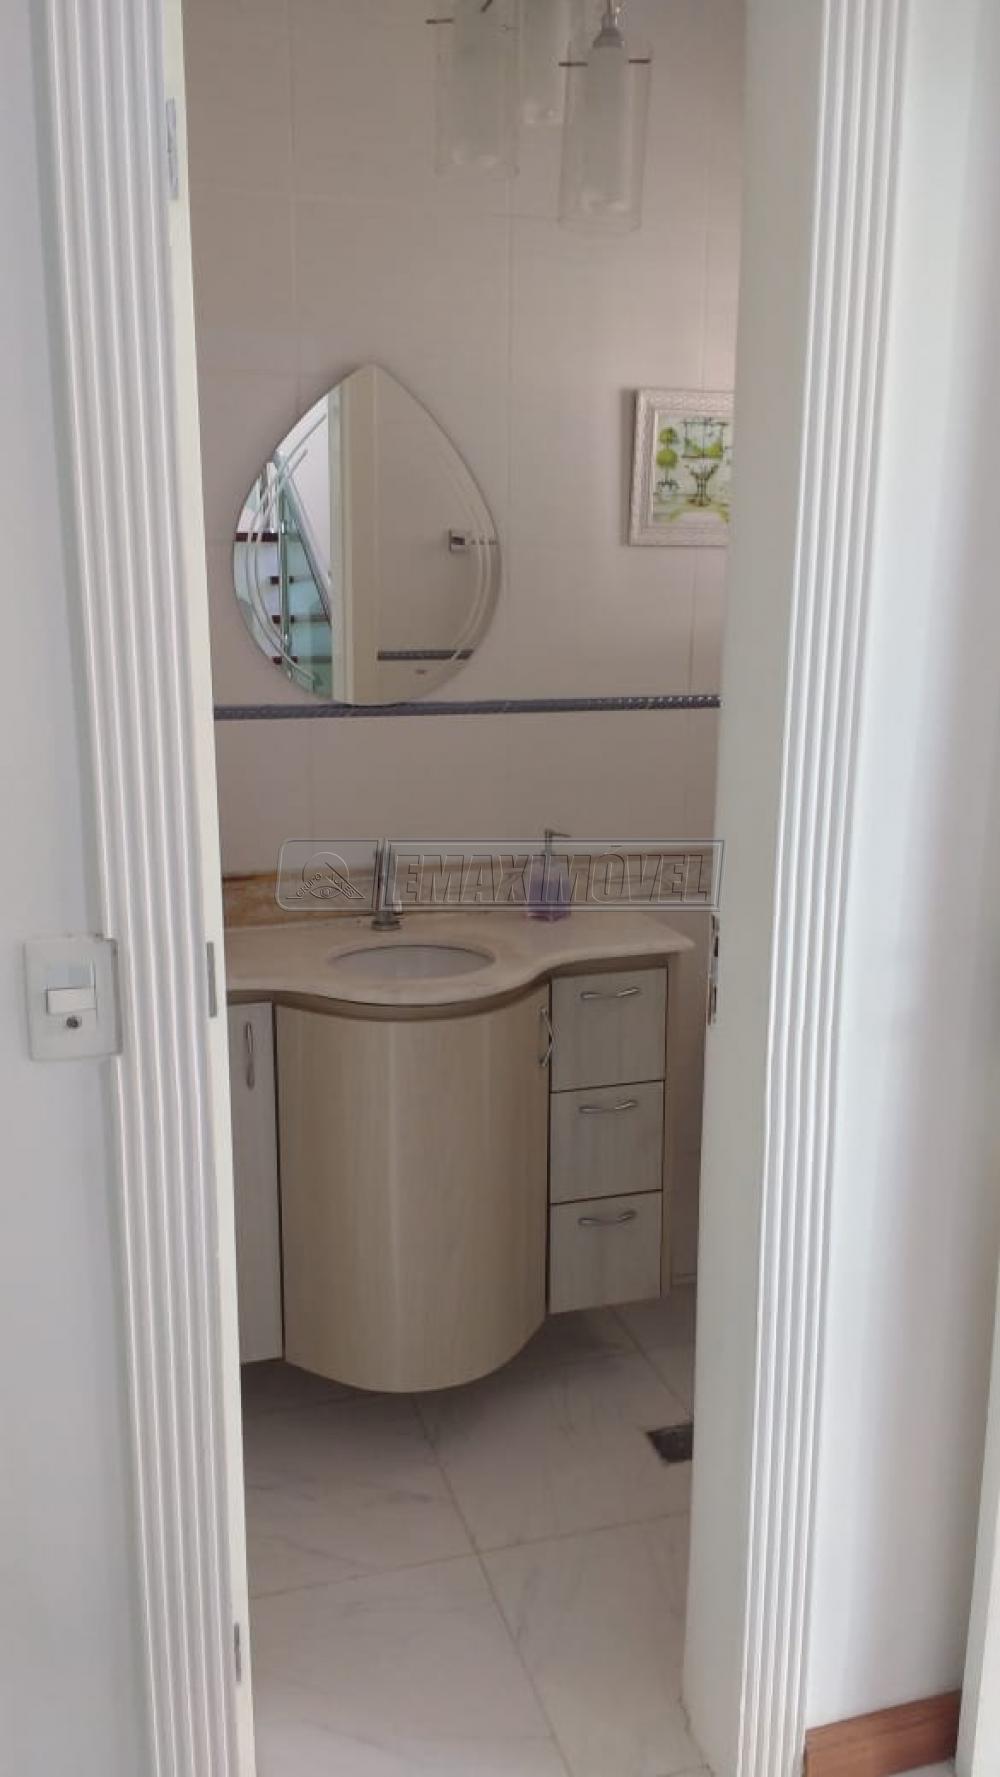 Alugar Casas / em Condomínios em Sorocaba apenas R$ 2.300,00 - Foto 11